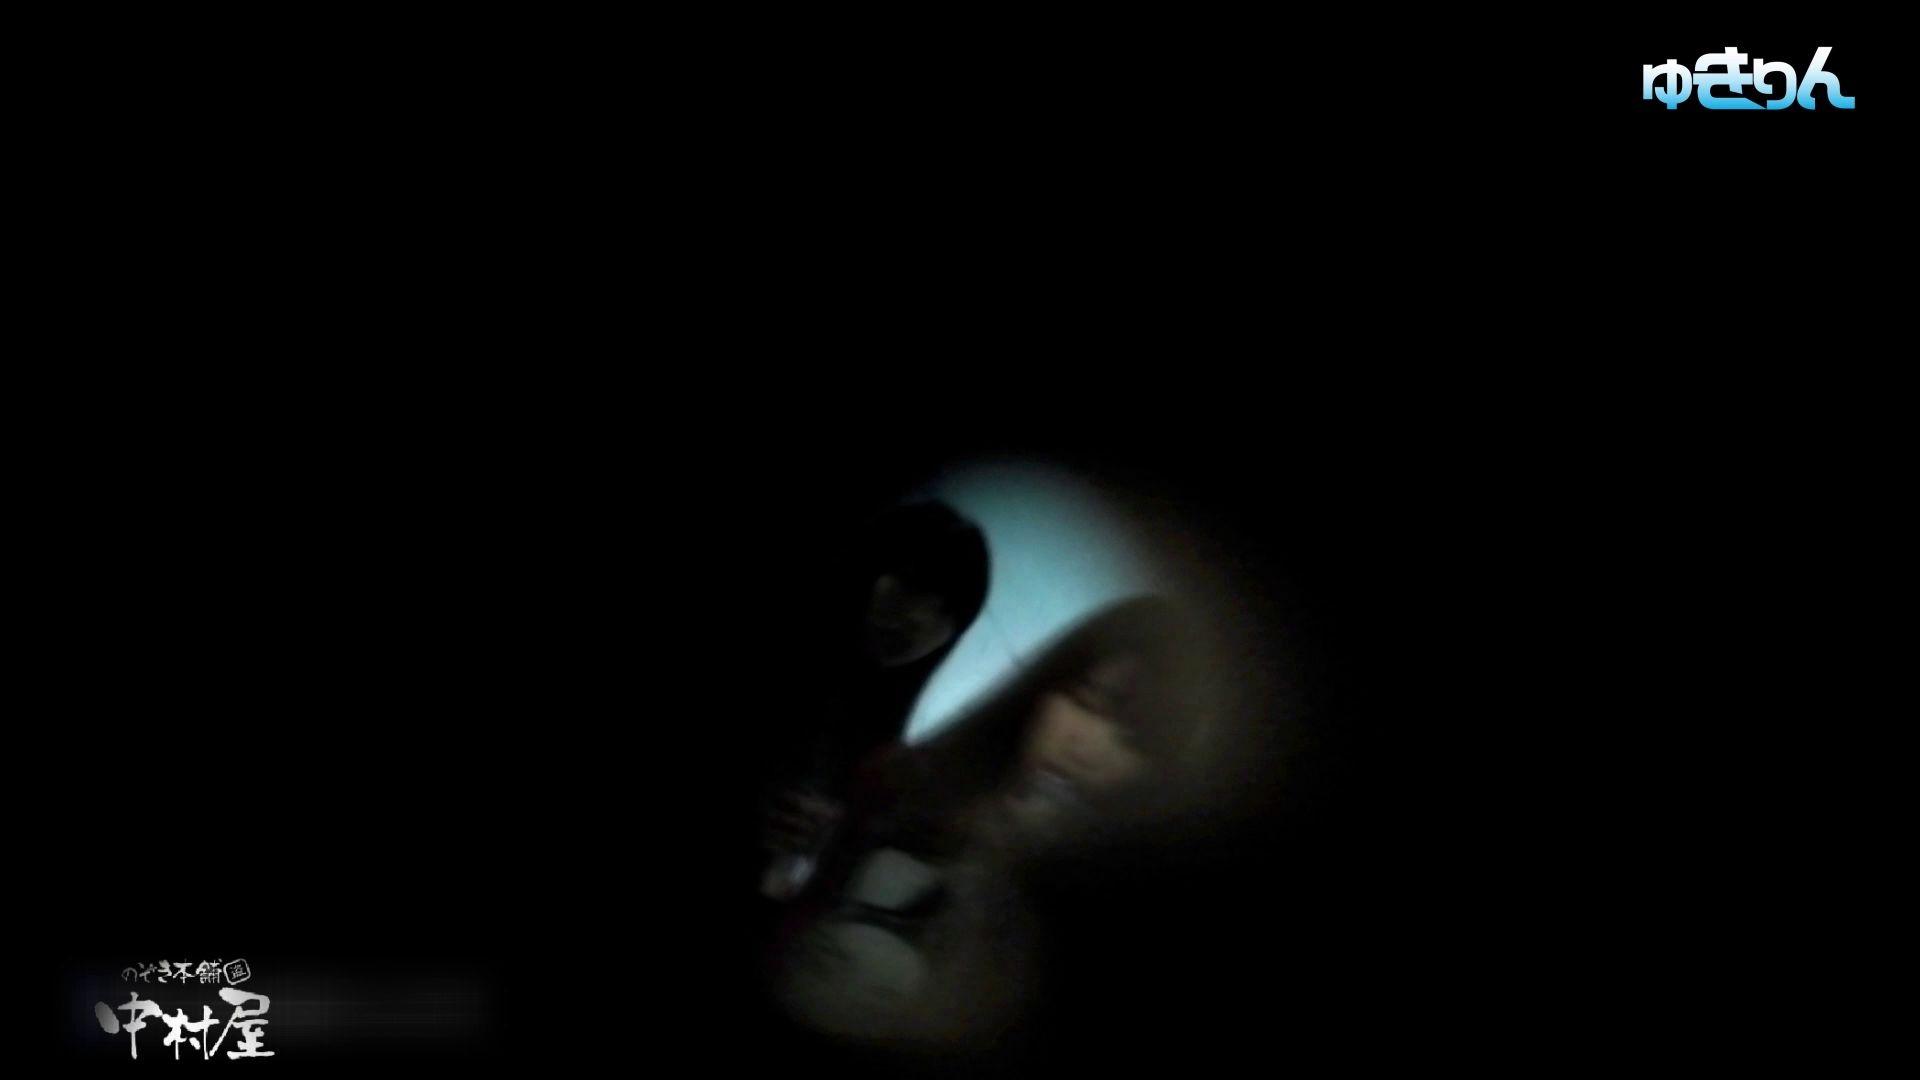 世界の射窓から~ステーション編 vol59 ユキリン奮闘!!新しいカメラに変更しました。前編 OL女体  51連発 22